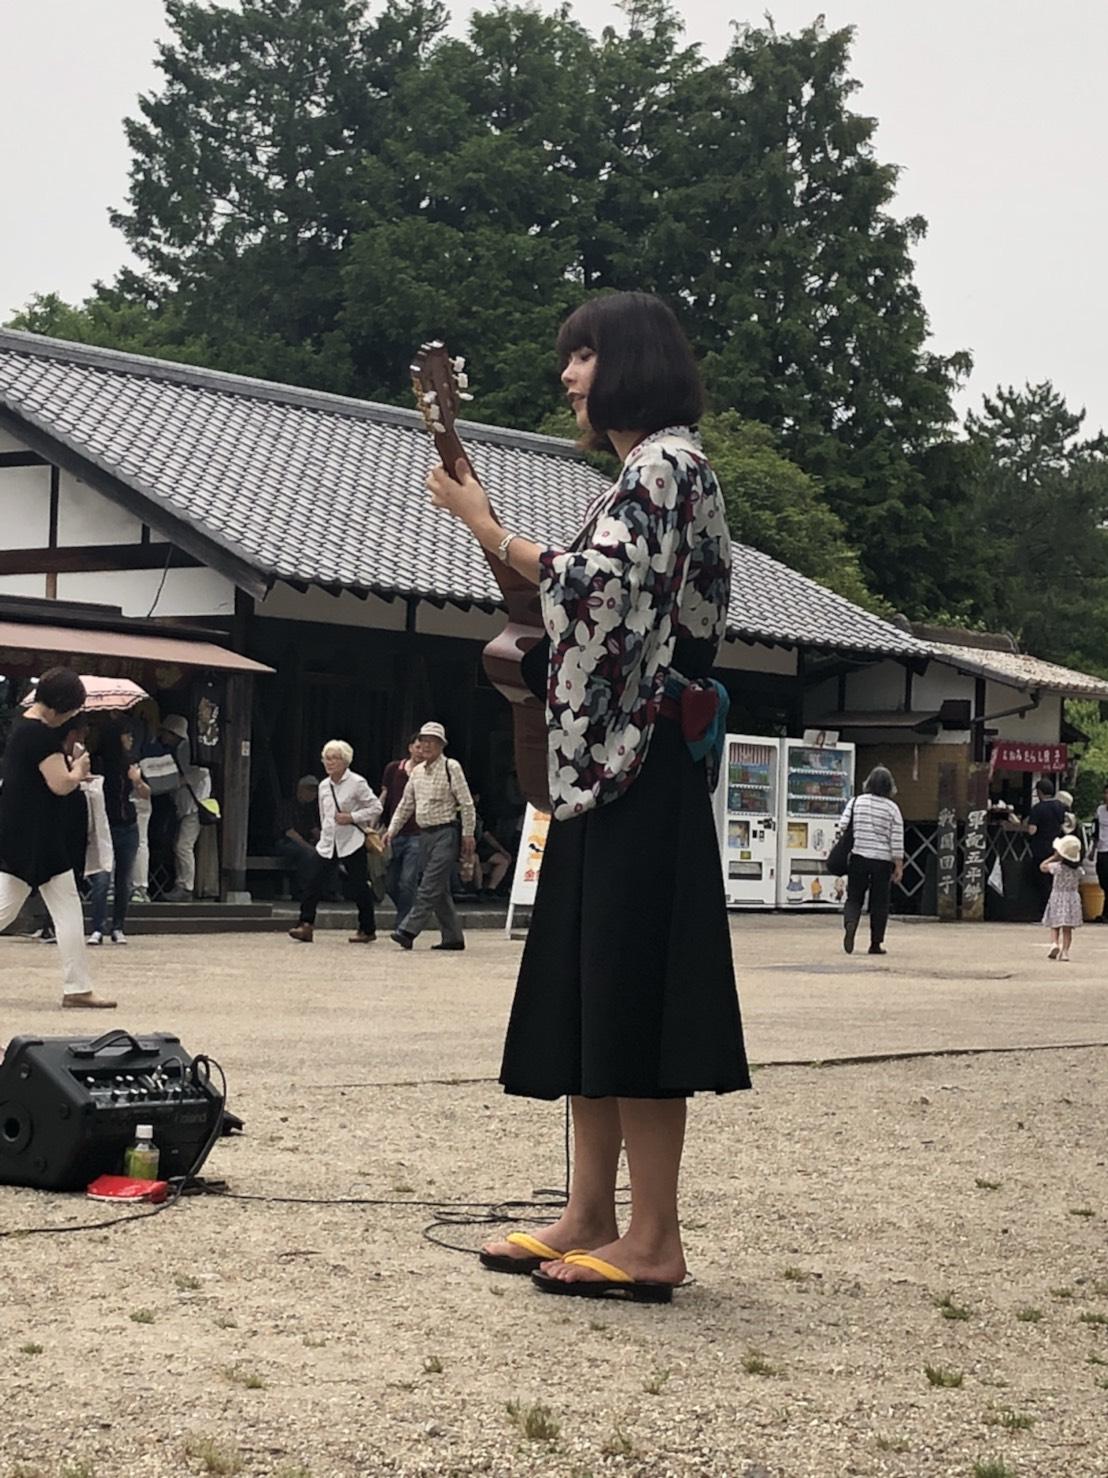 名古屋城での演奏、ありがとうございました!_f0373339_10555674.jpg